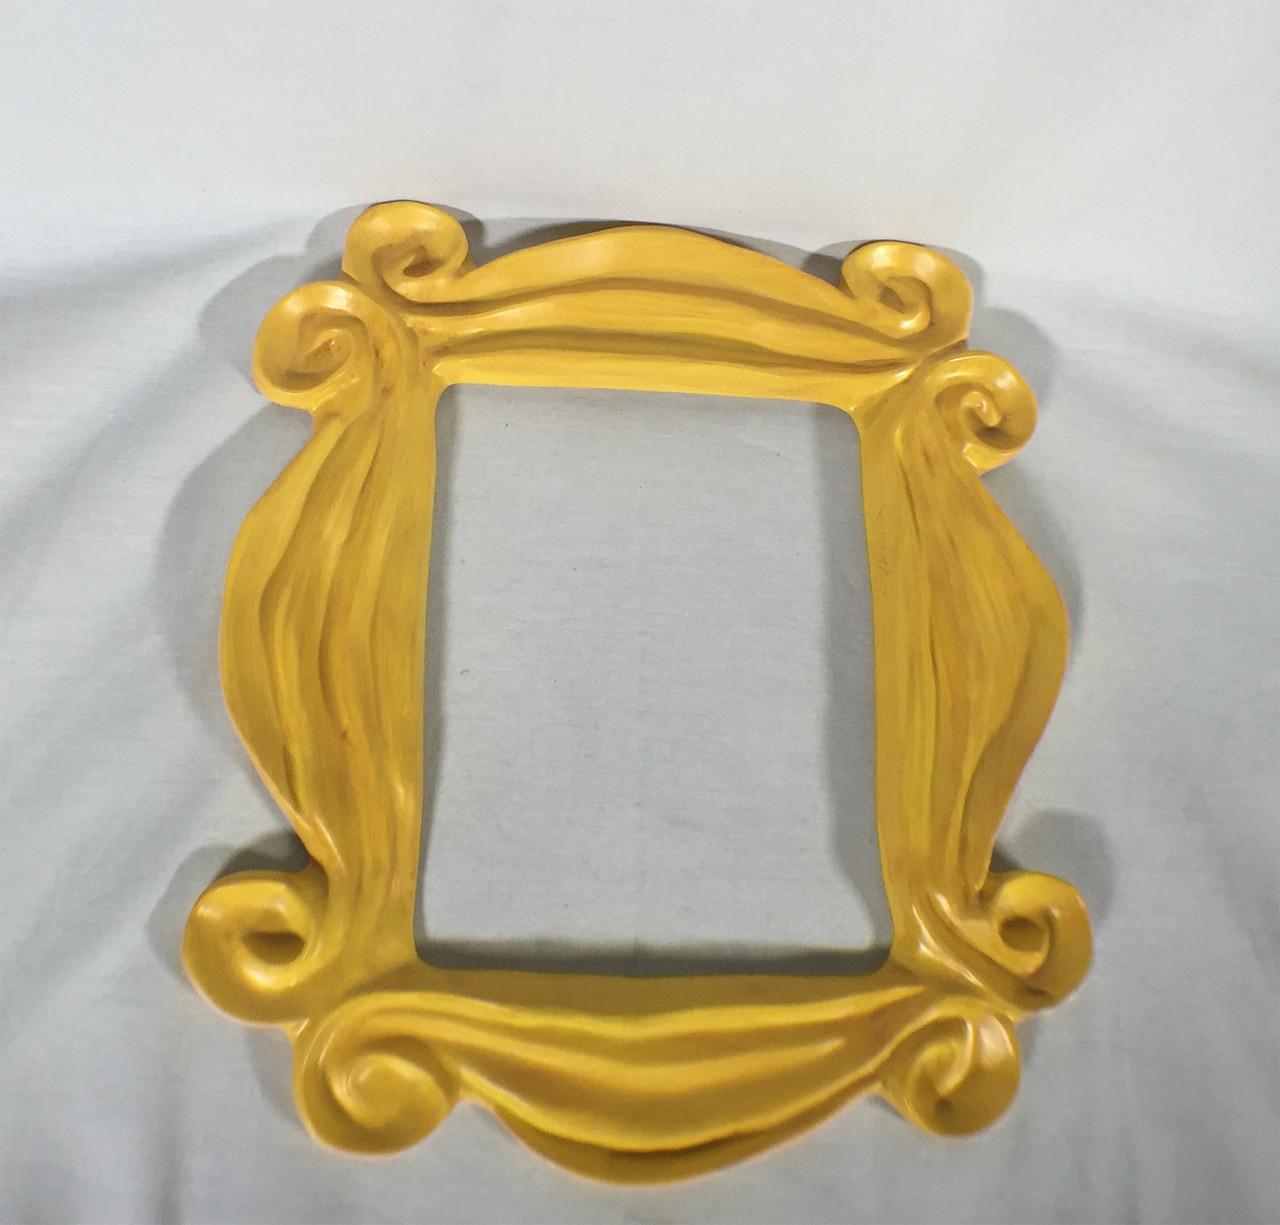 Friends monicas famous peephole door frame reel art friends monicas famous peephole door frame jeuxipadfo Image collections